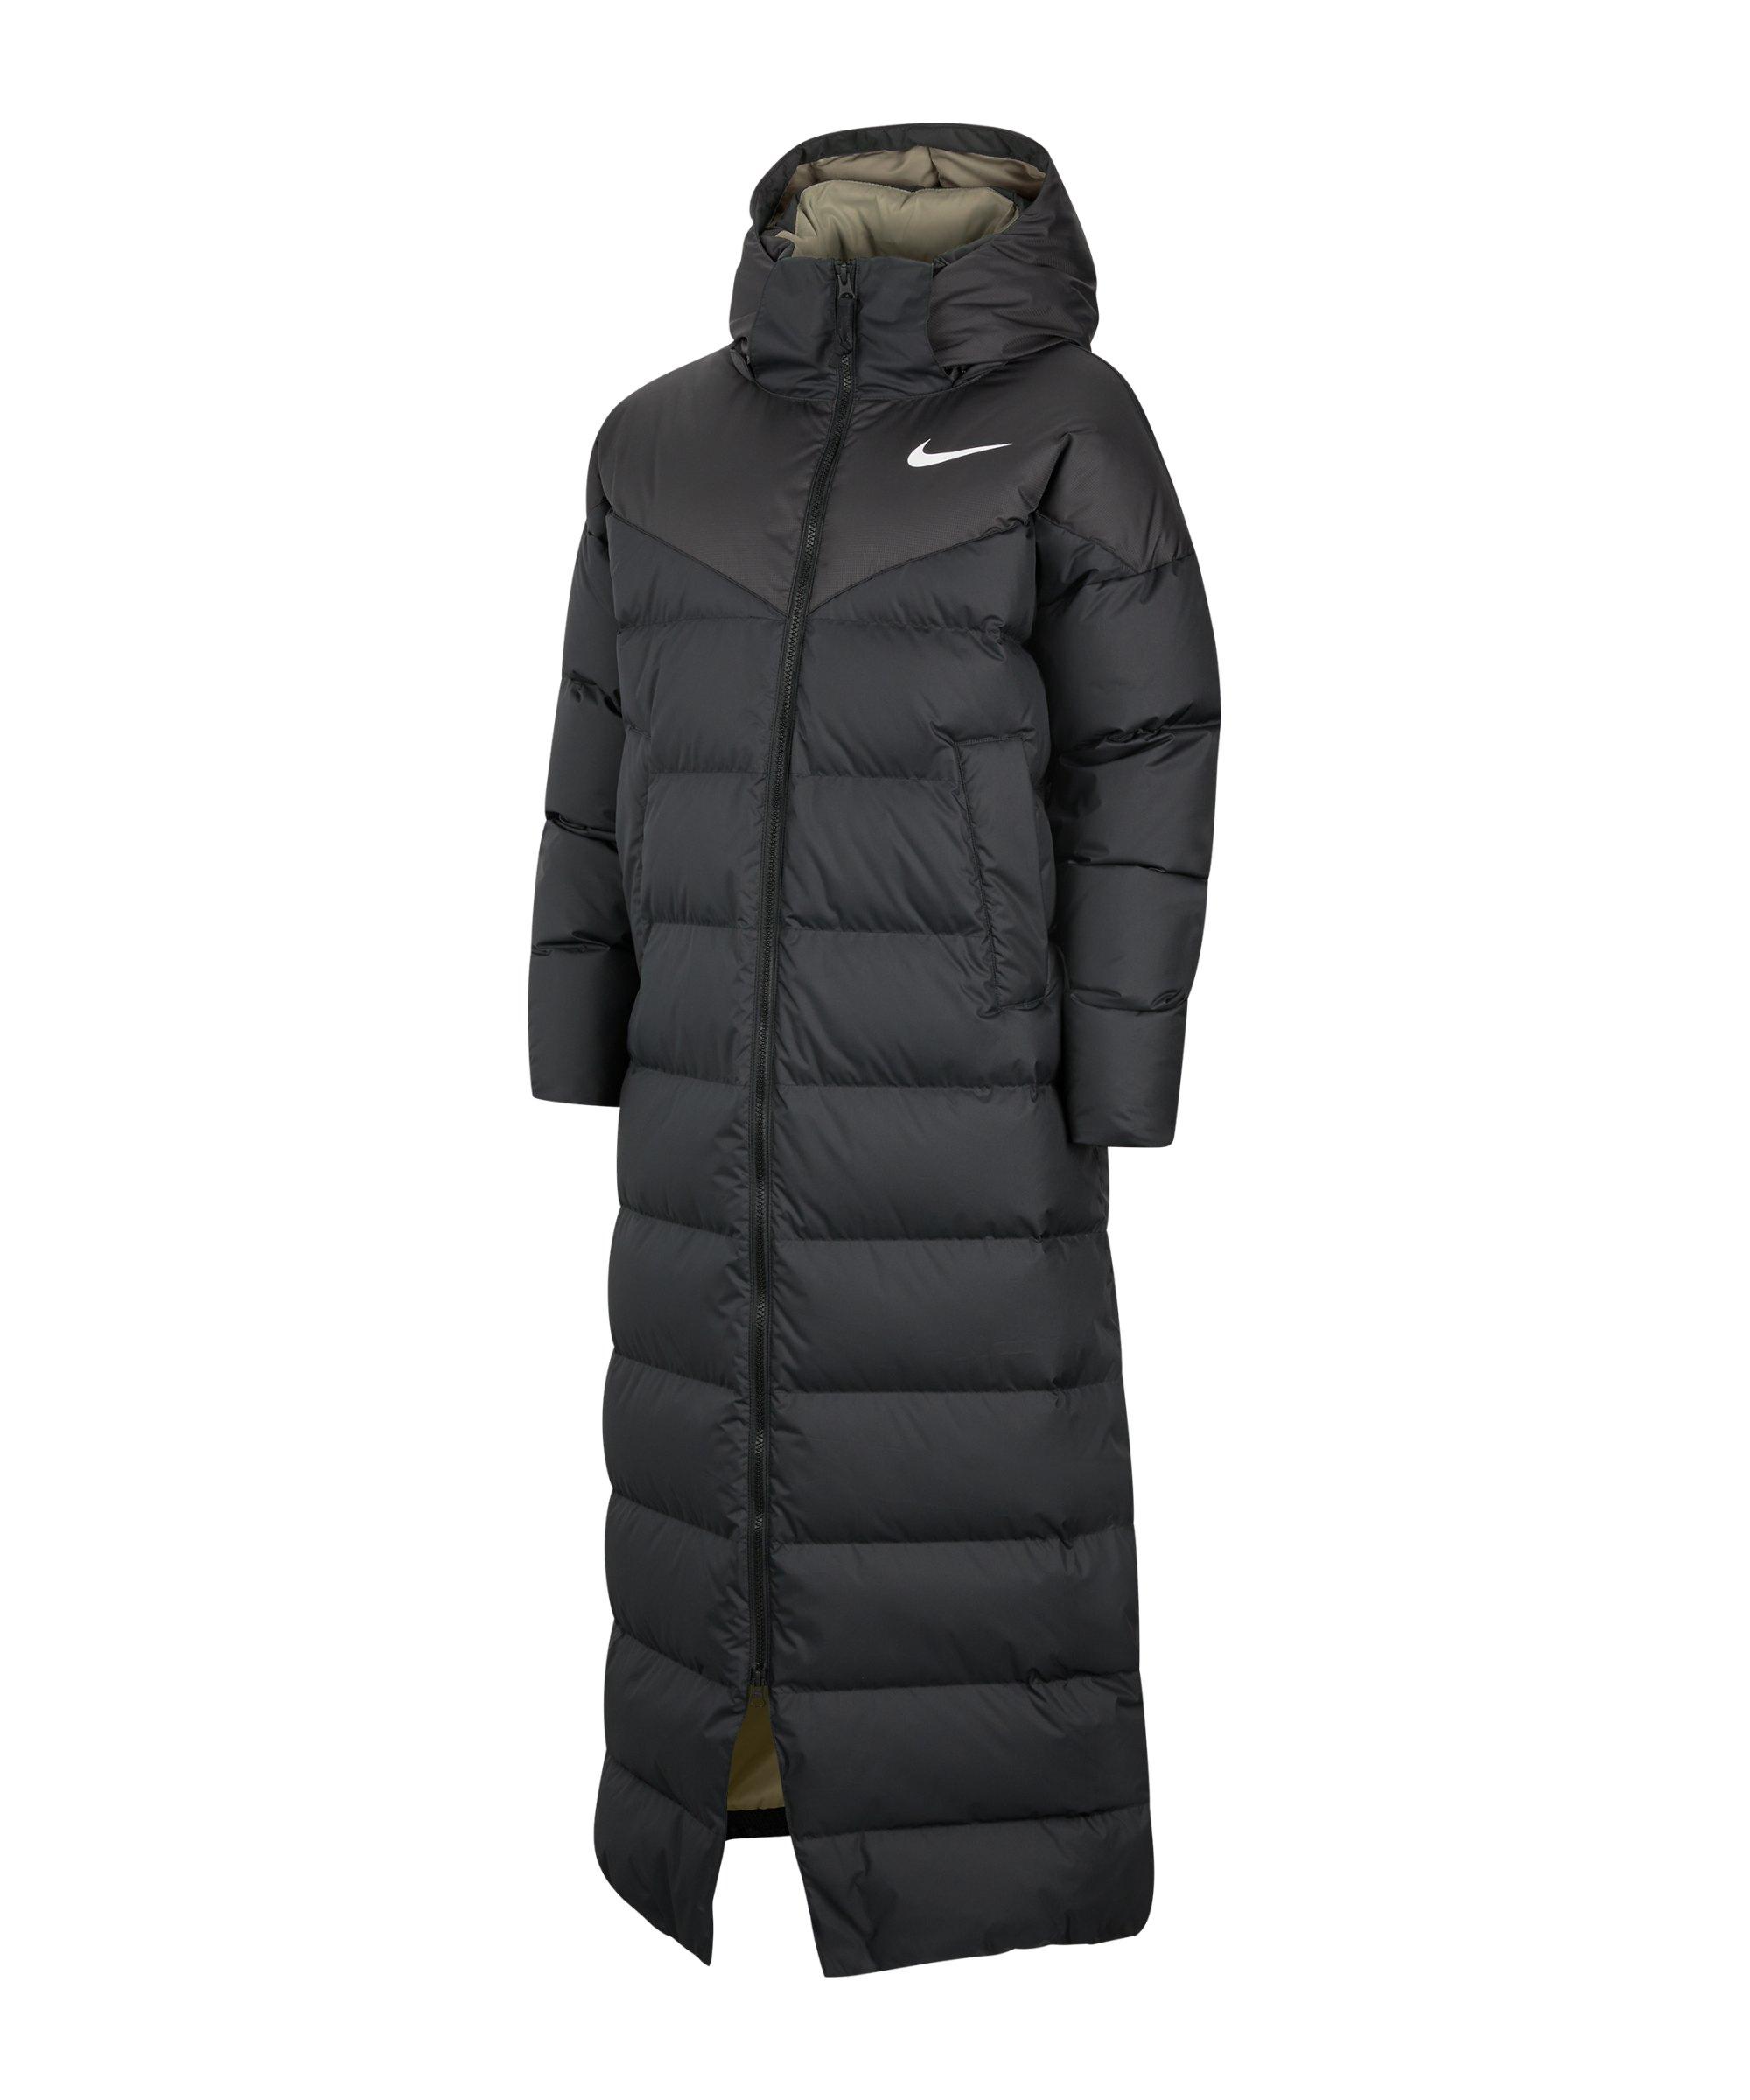 Nike Down Parka Jacke Damen Schwarz F010 - schwarz